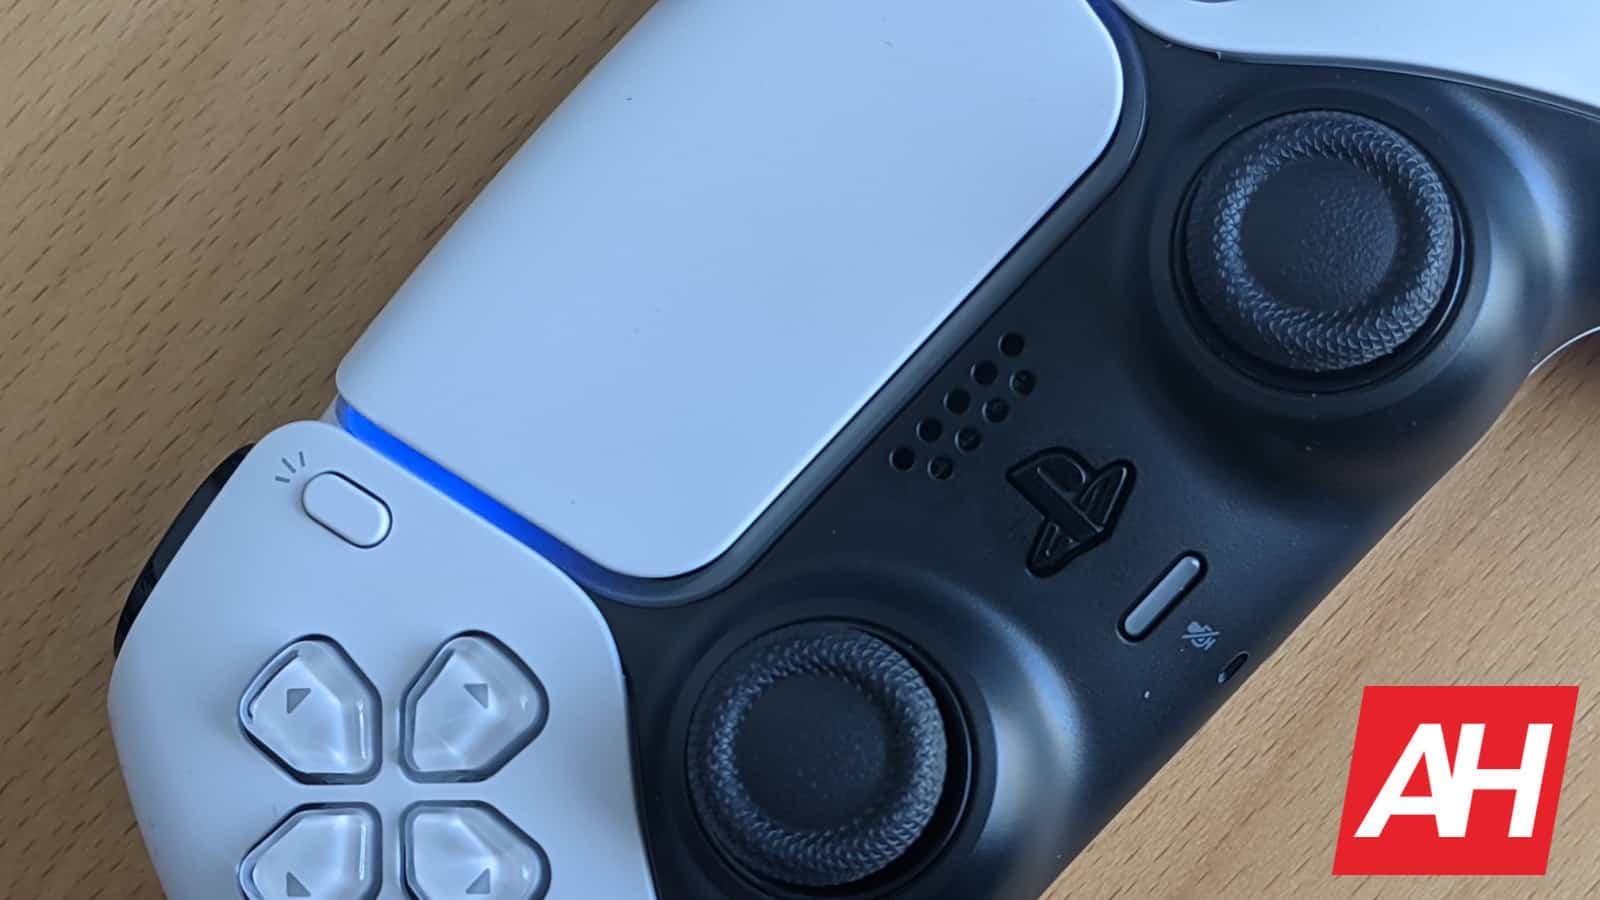 PS5 DualSense 6 controller